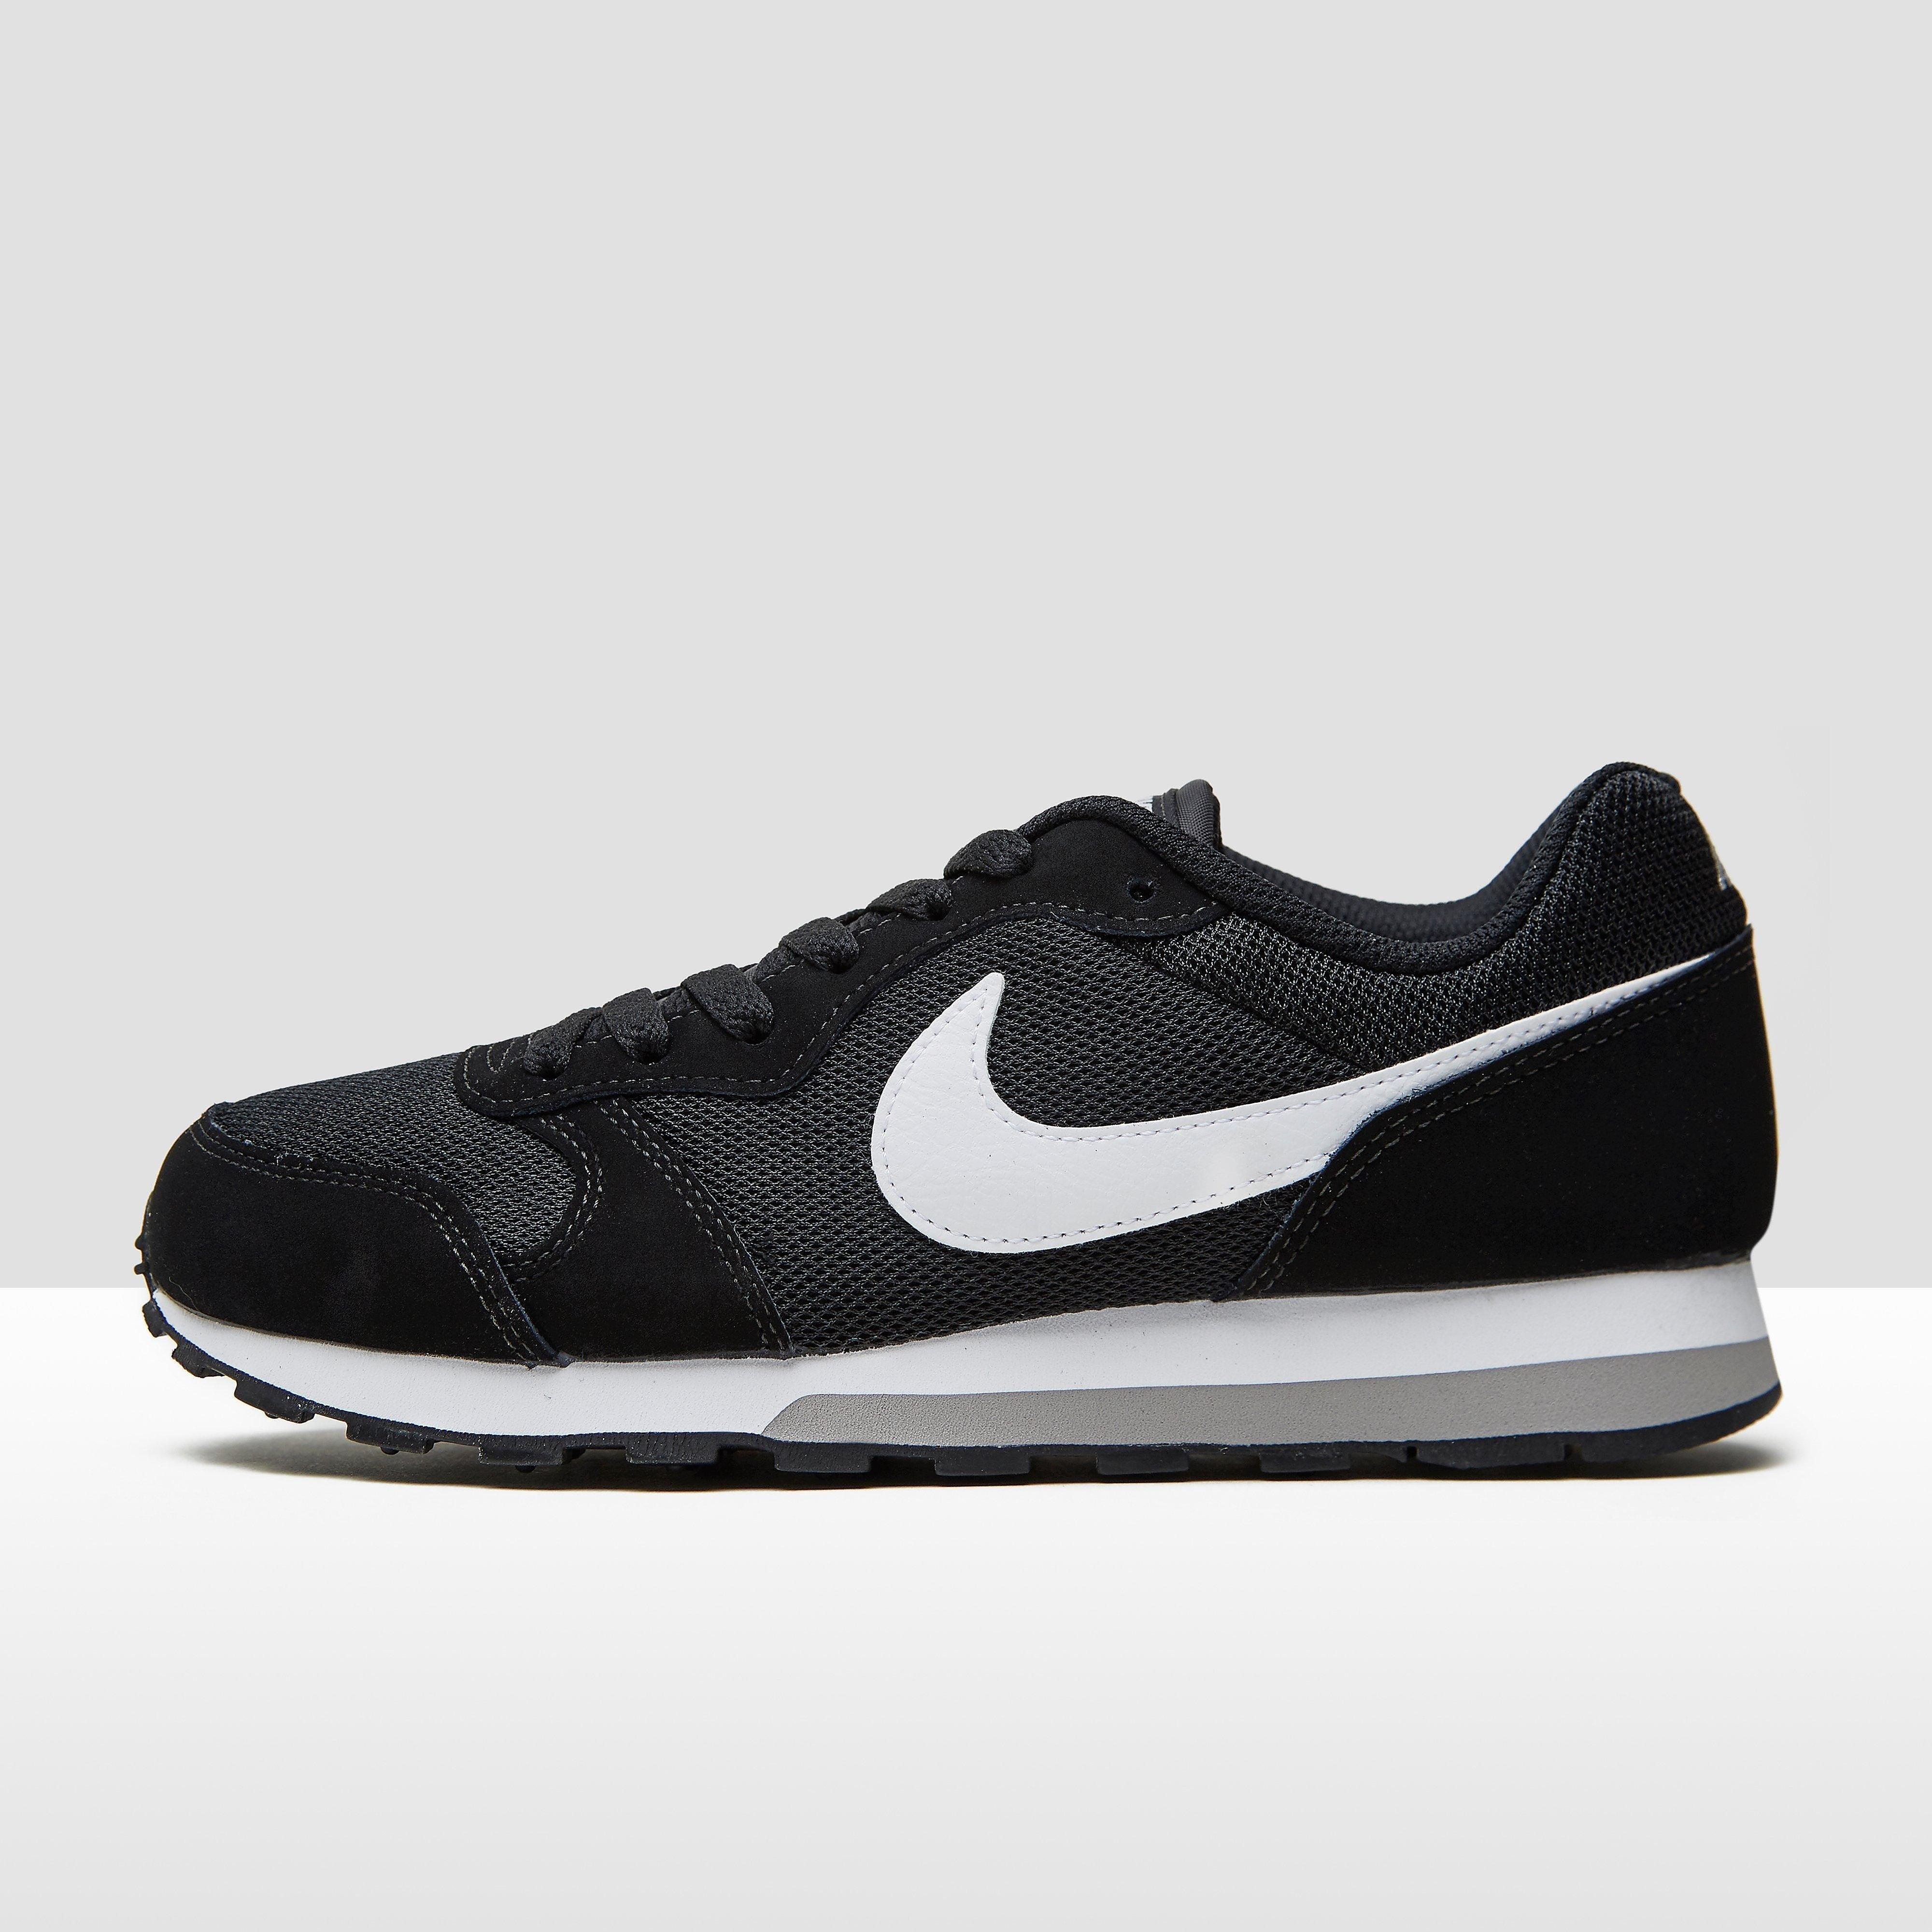 NIKE Md runner 2 sneakers zwart/wit kinderen Kinderen